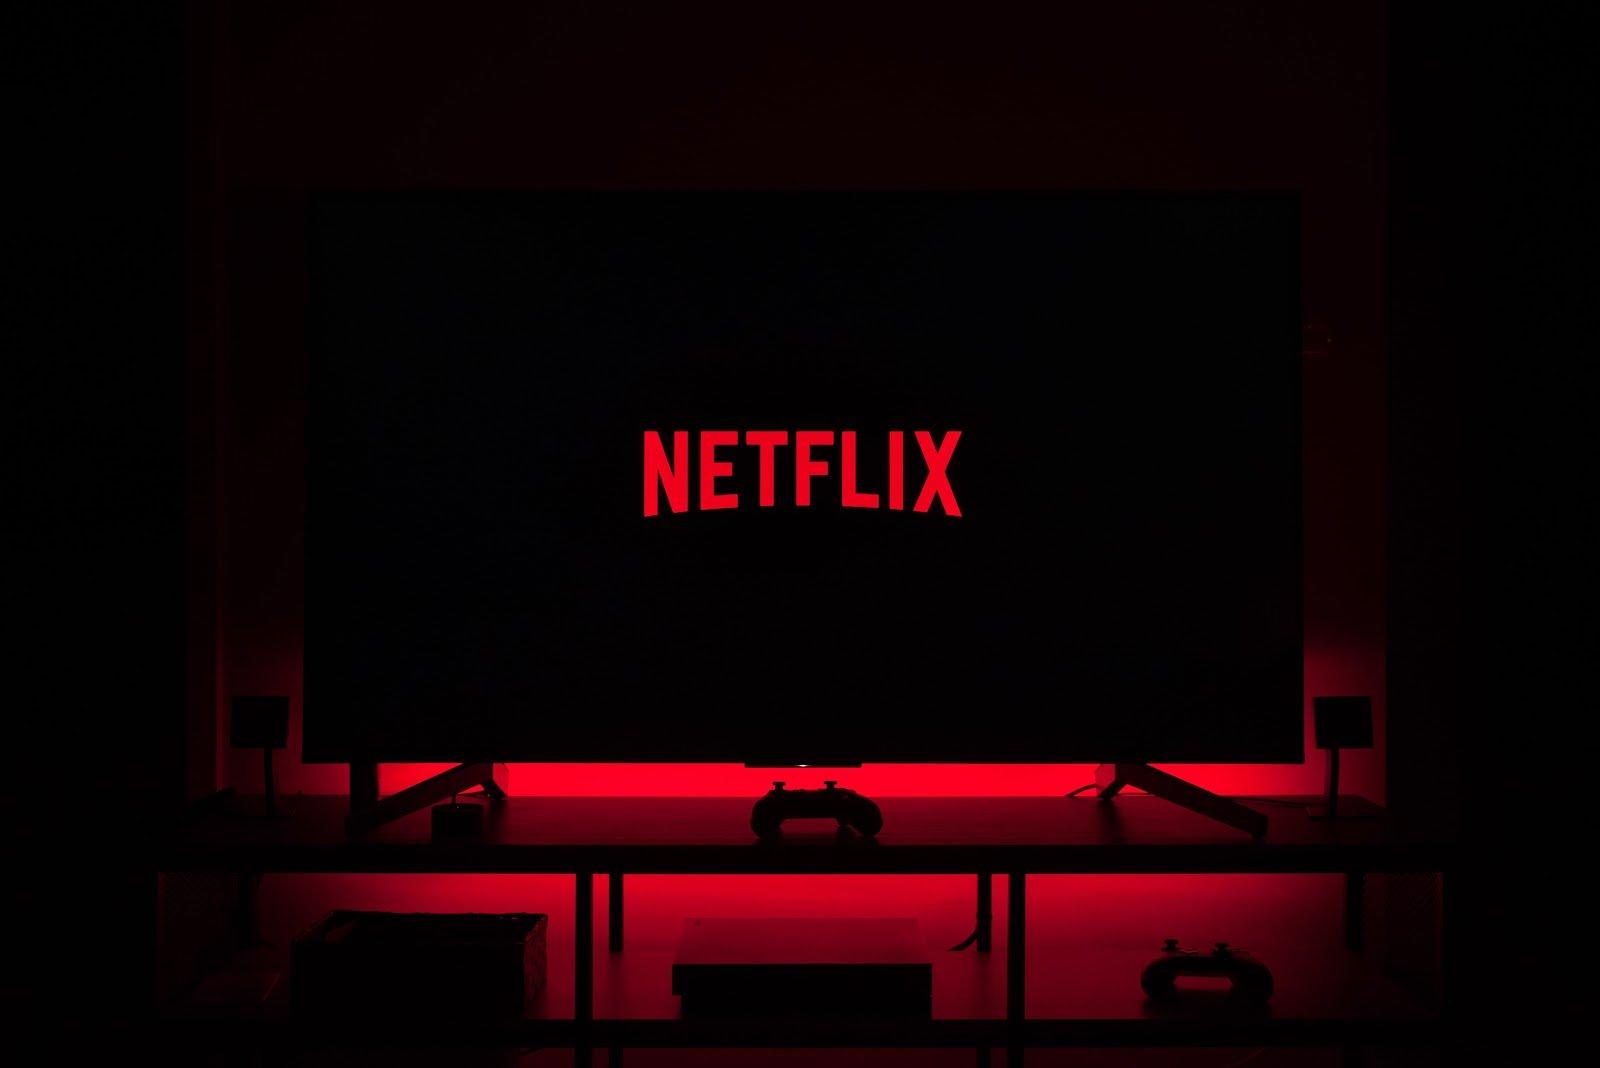 Netflix reduce cu 25% traficul european, la cererea Bruxelles-ului